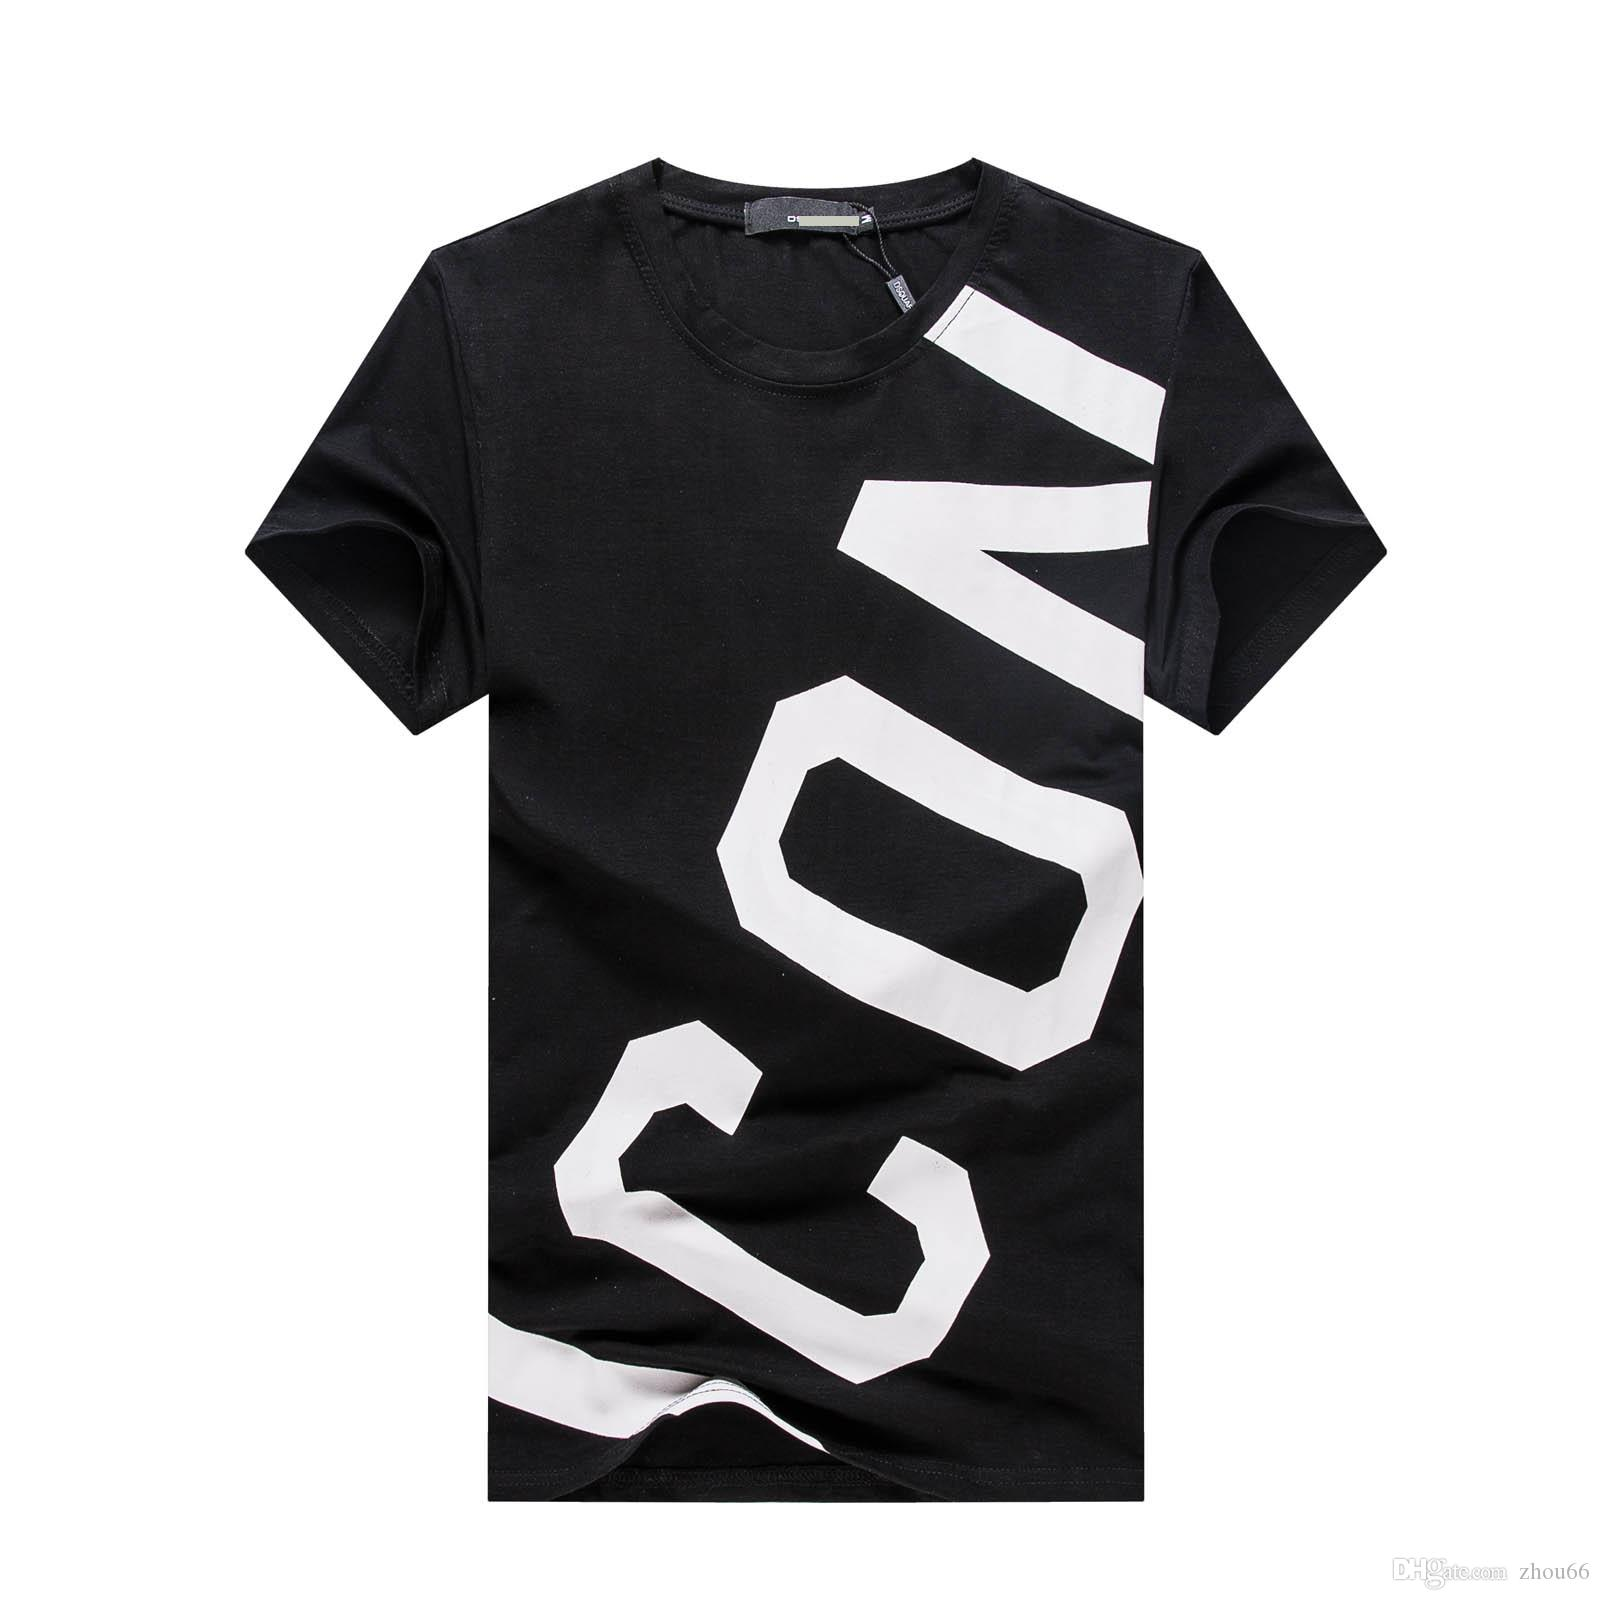 패션 캐주얼 T 셔츠 남성 Streetwear 명품 디자이너 T 셔츠 남성 티셔츠 편지 자수 남자 탑스 반팔 티셔츠 3XL PP07